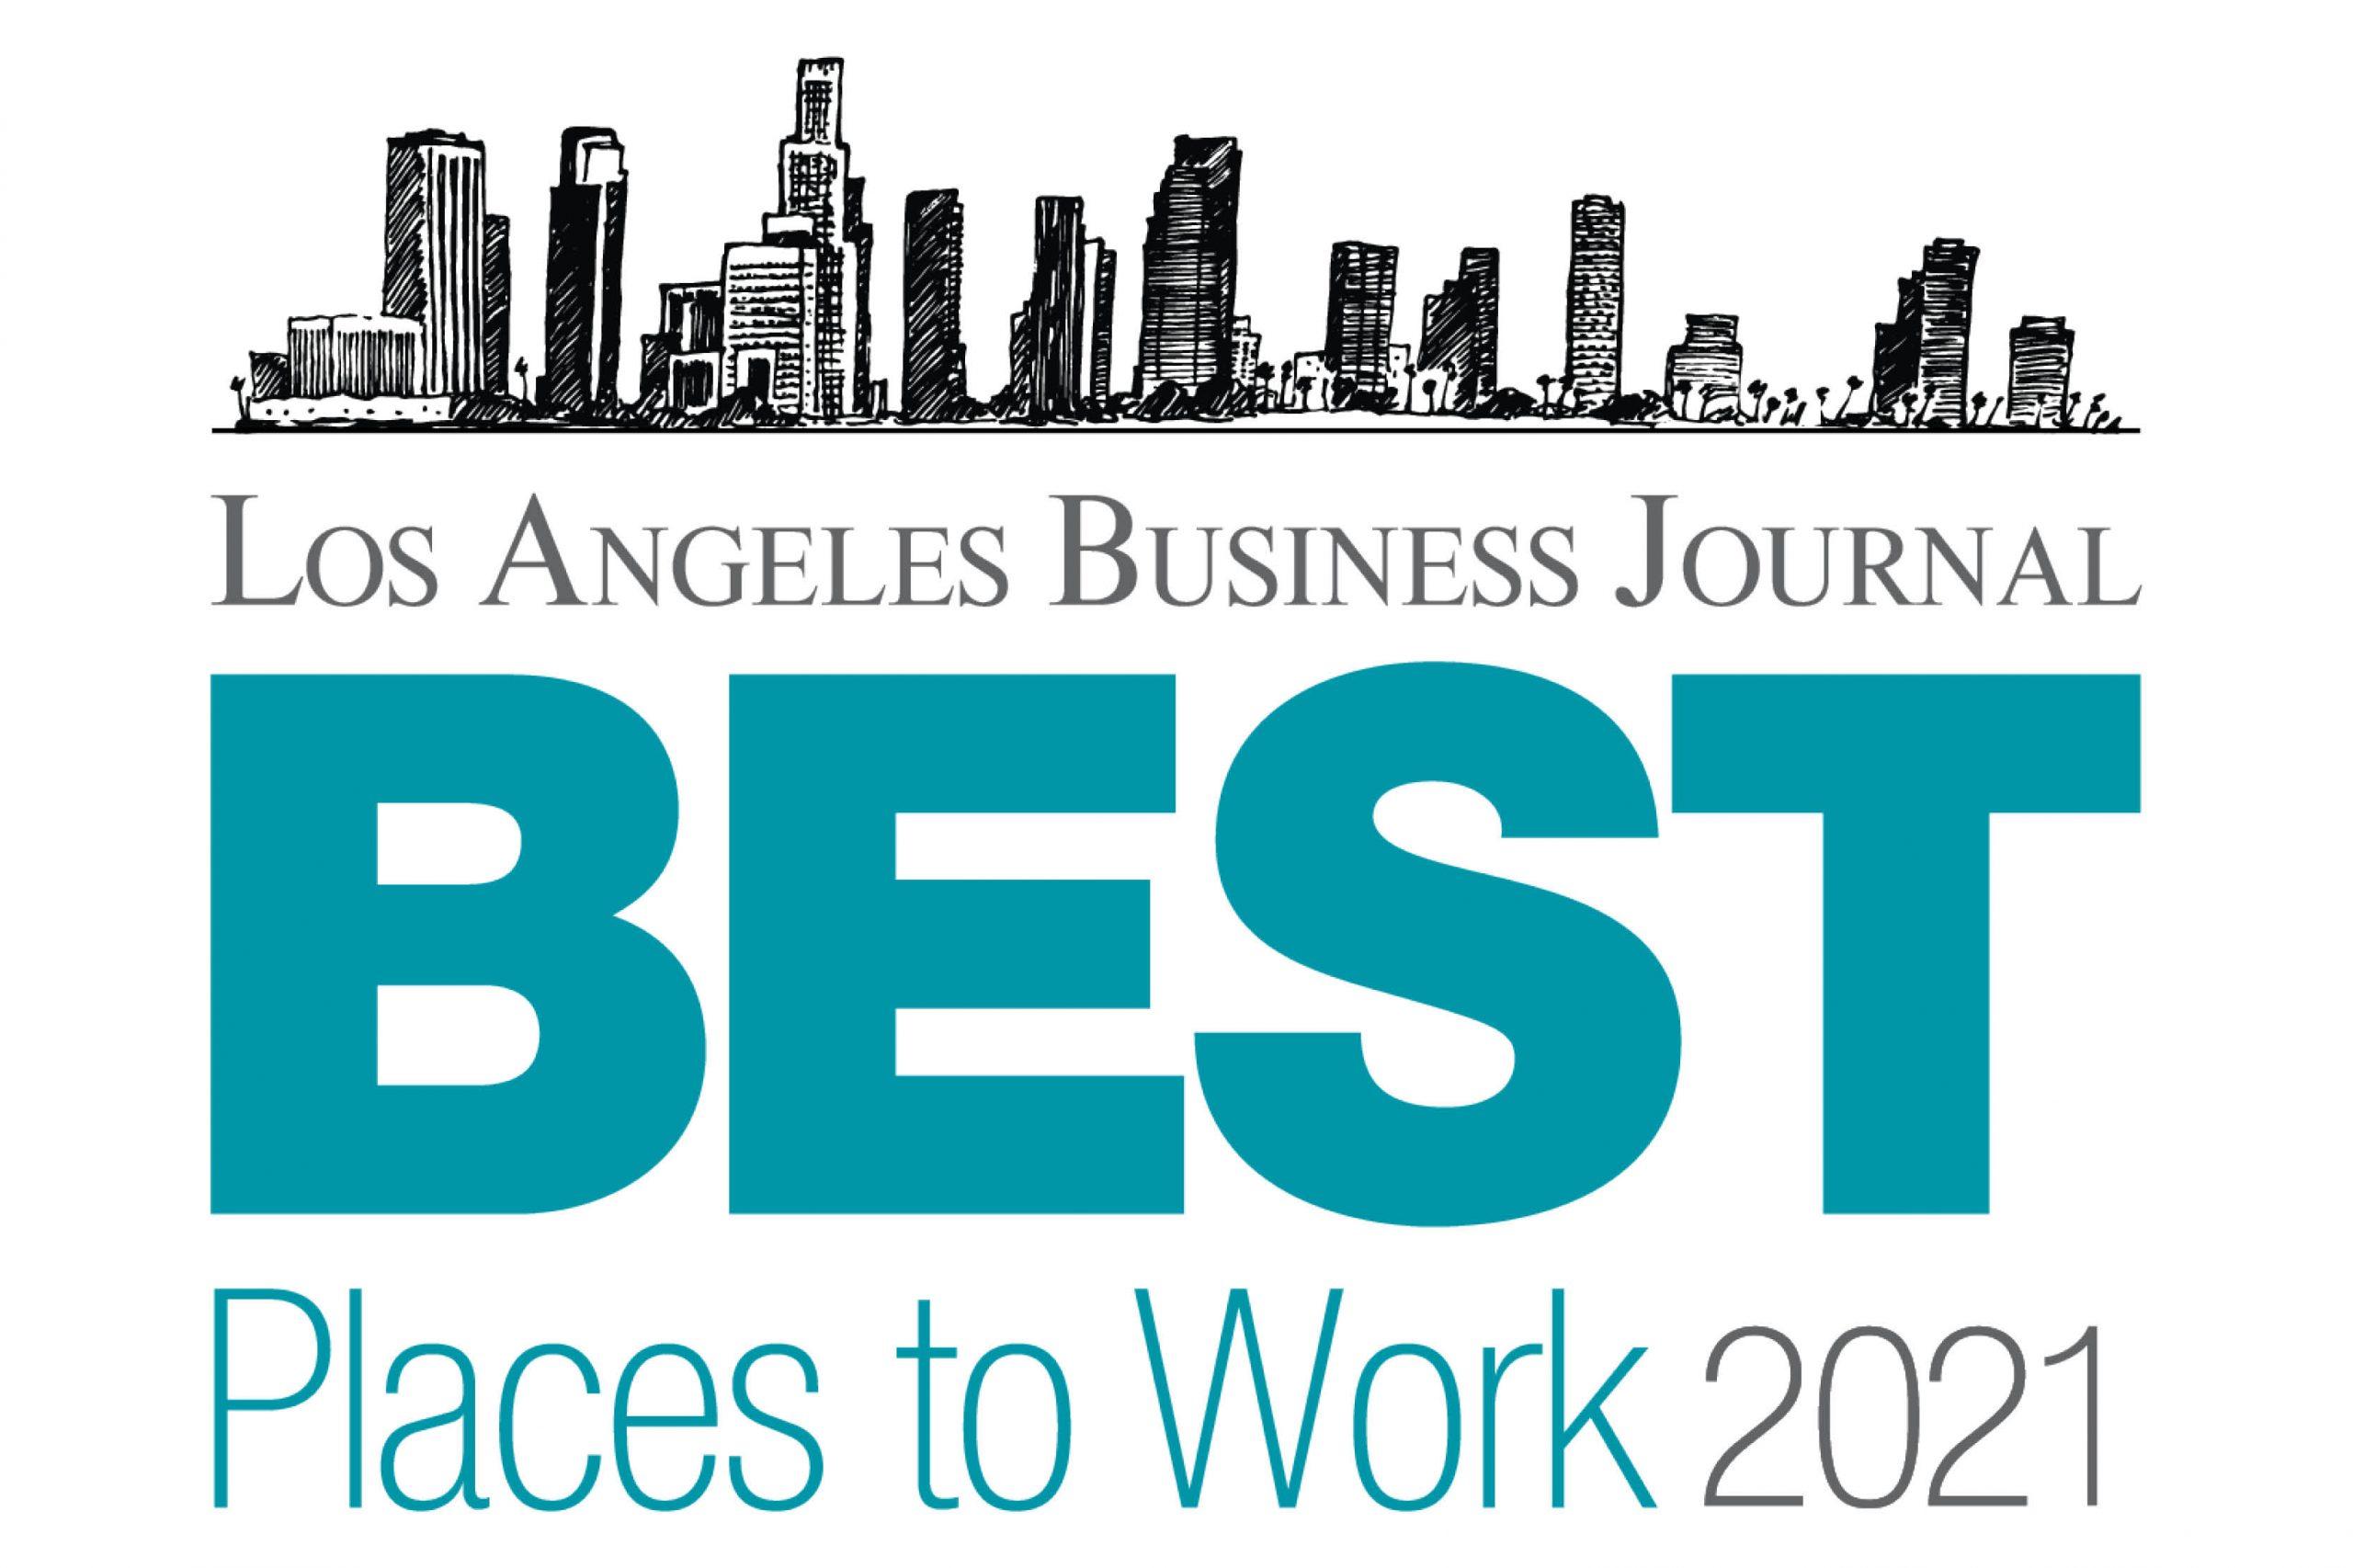 Best Places_LA_2021_800 BY 533